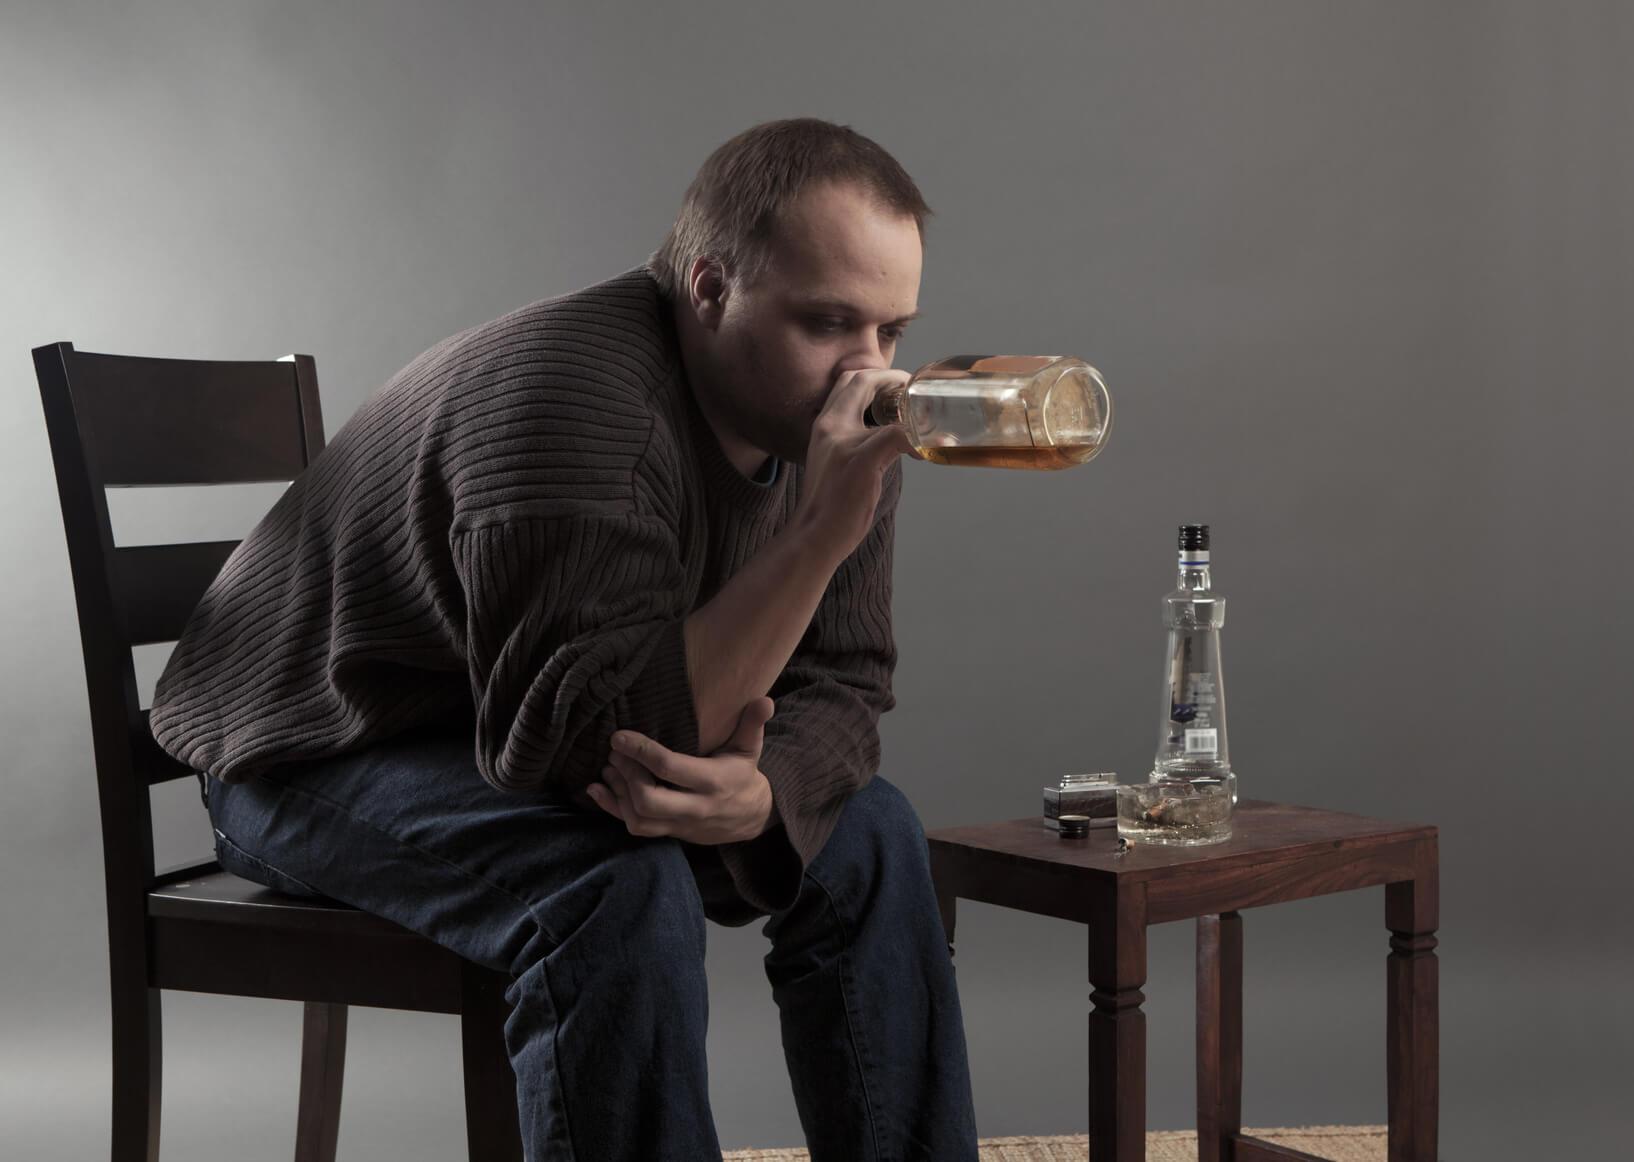 Картинки пьющих парней